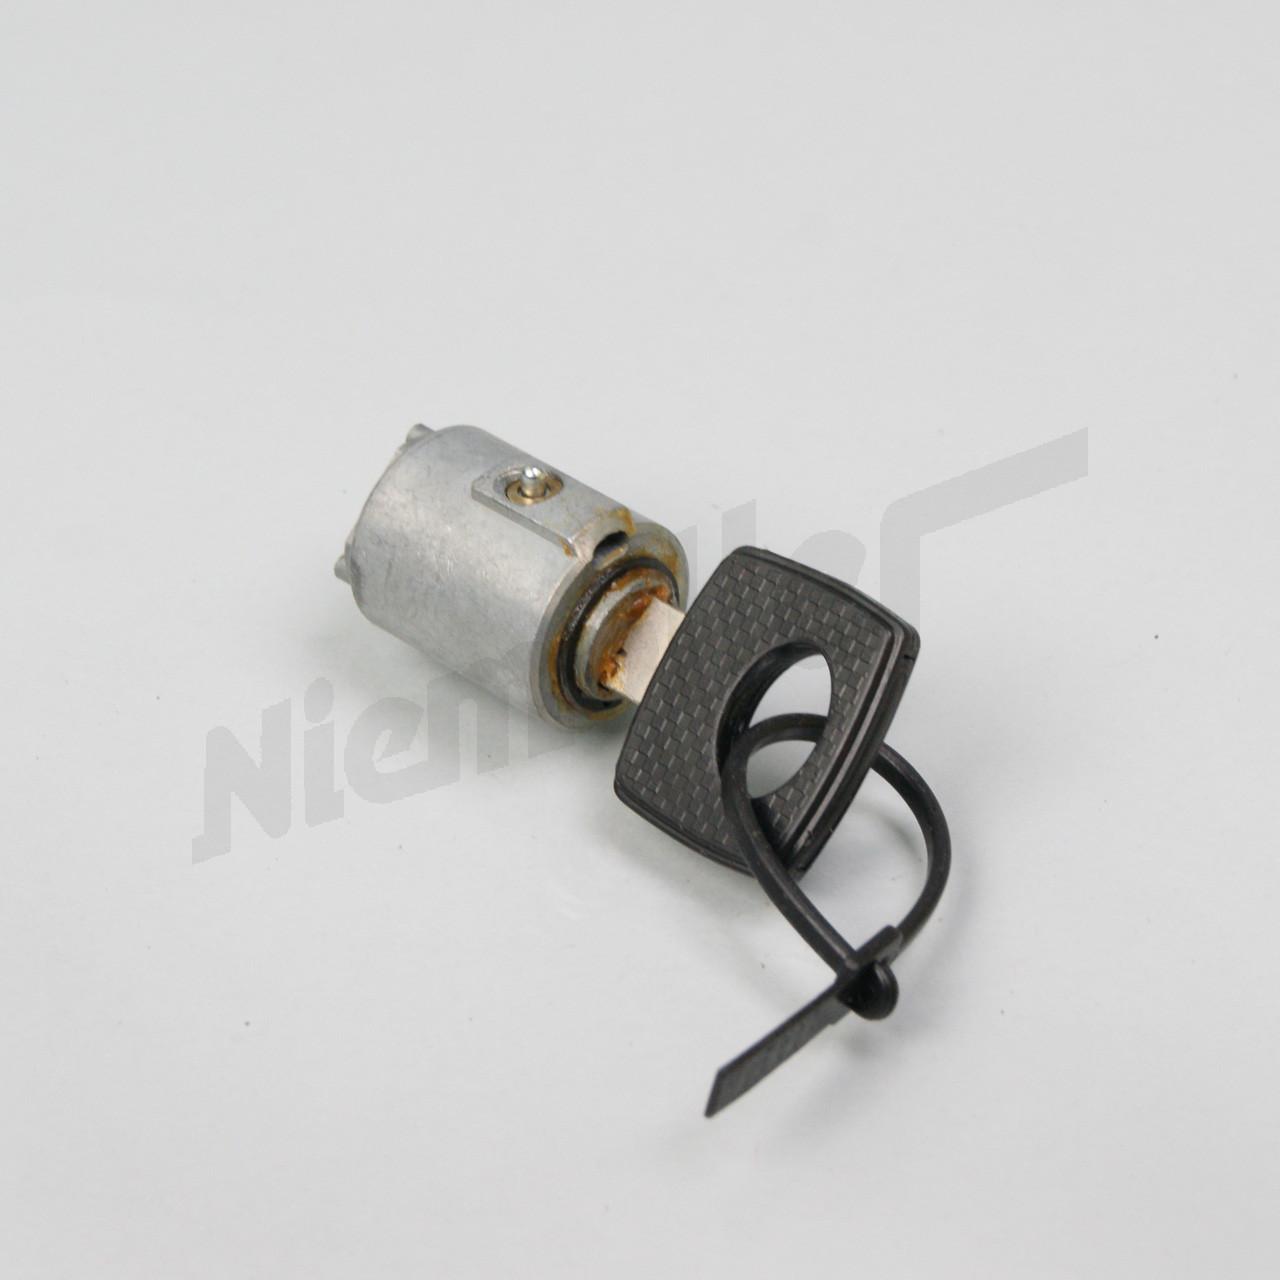 schlie zylinder mit schl ssel 220d 8 mercedes benz w115. Black Bedroom Furniture Sets. Home Design Ideas